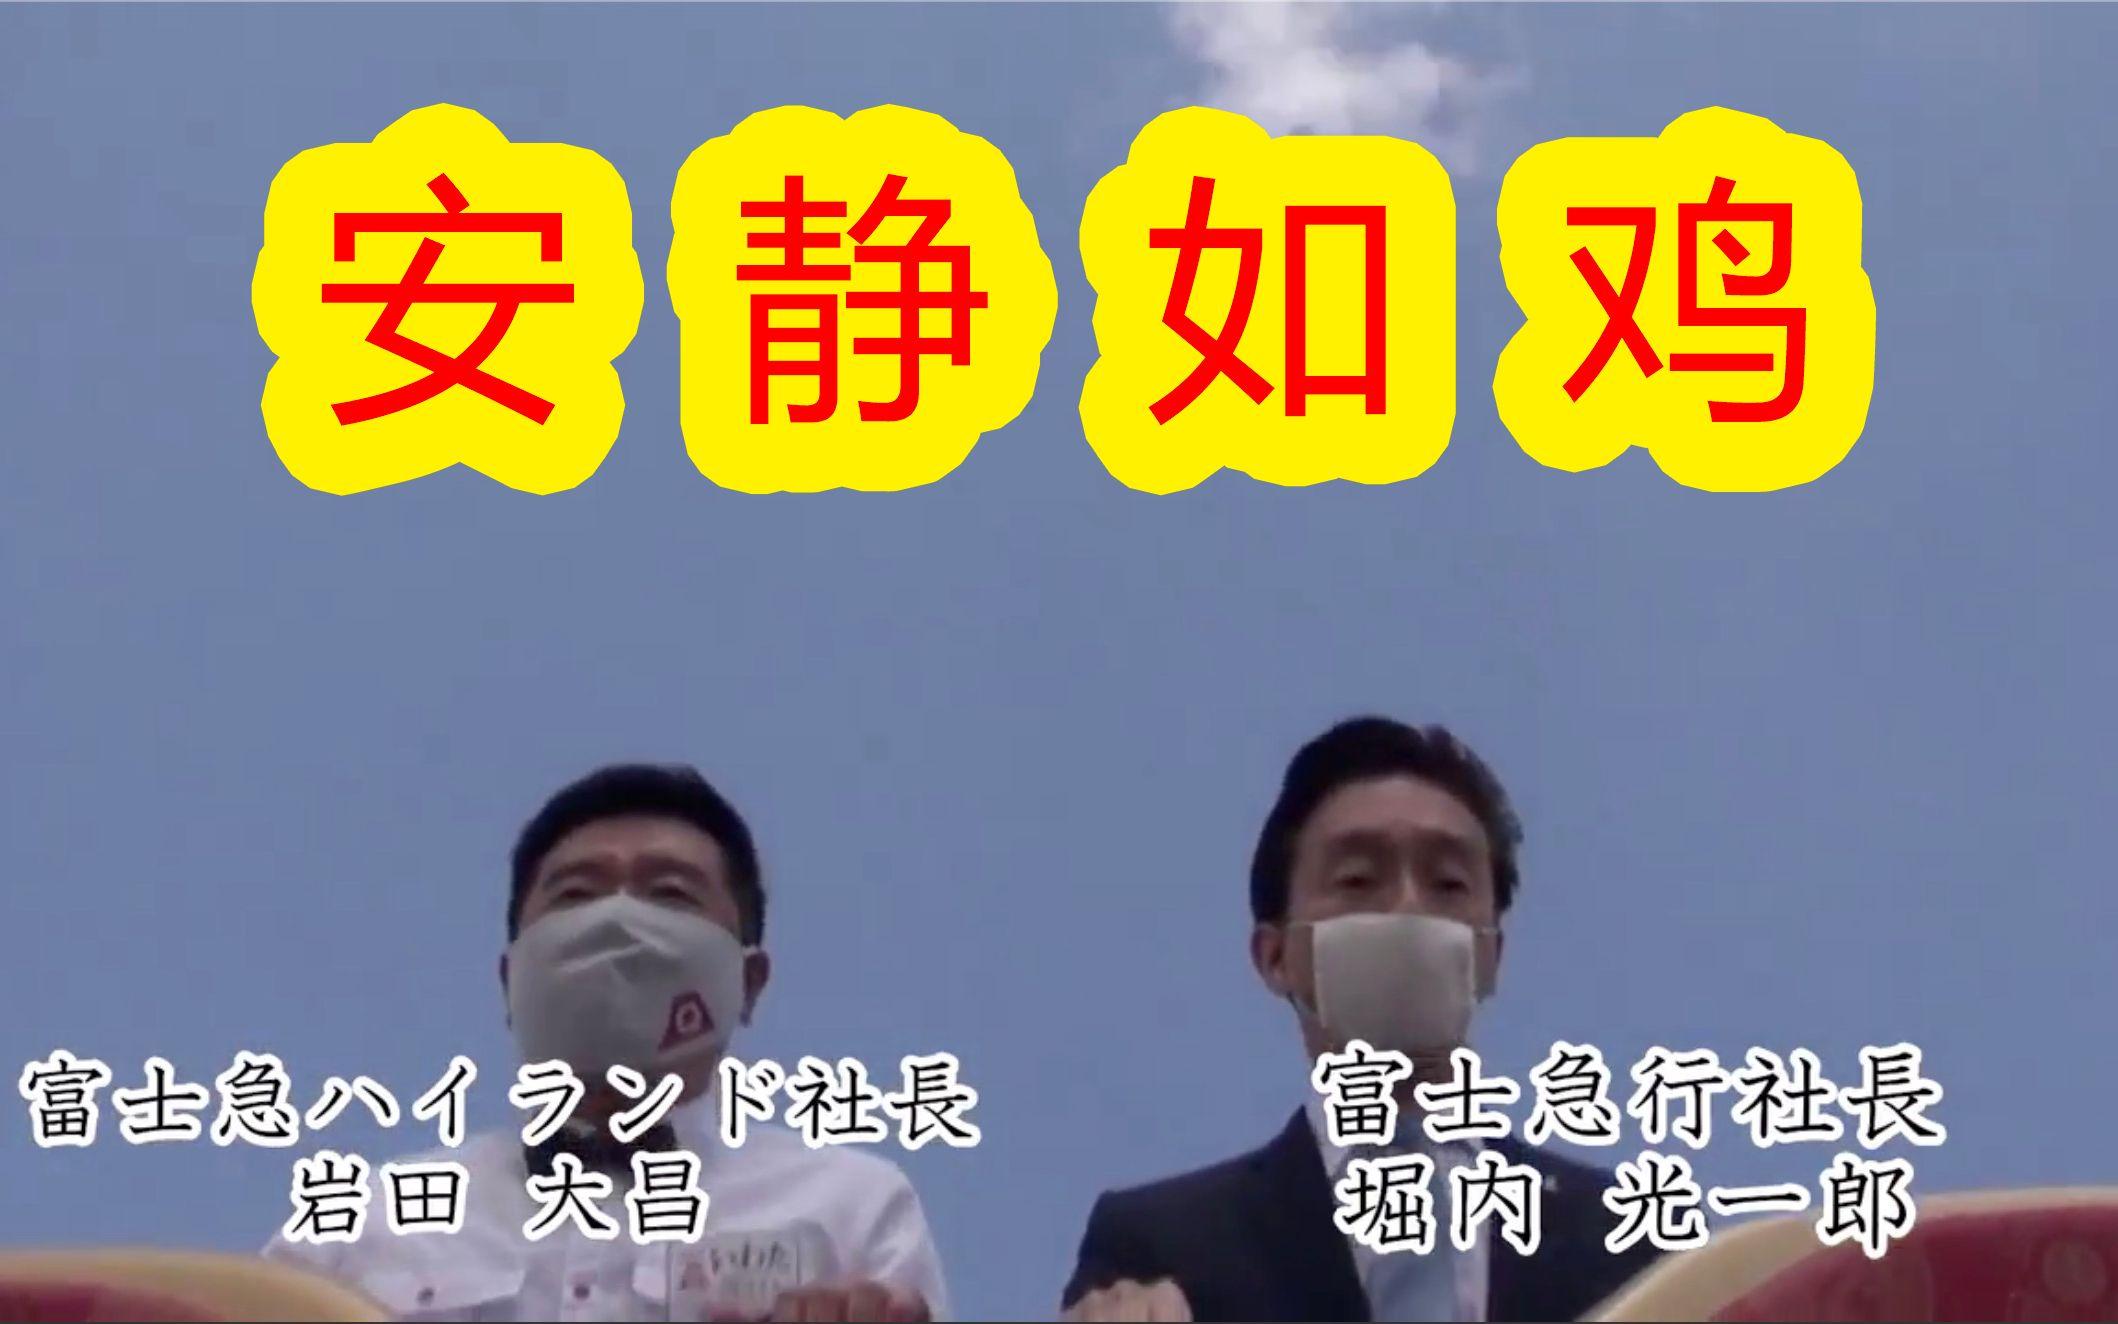 为了防止飞沫,日本规定坐过山车禁止尖叫,日本富士急两位社长,亲自示范如何安静如鸡地坐过山车。